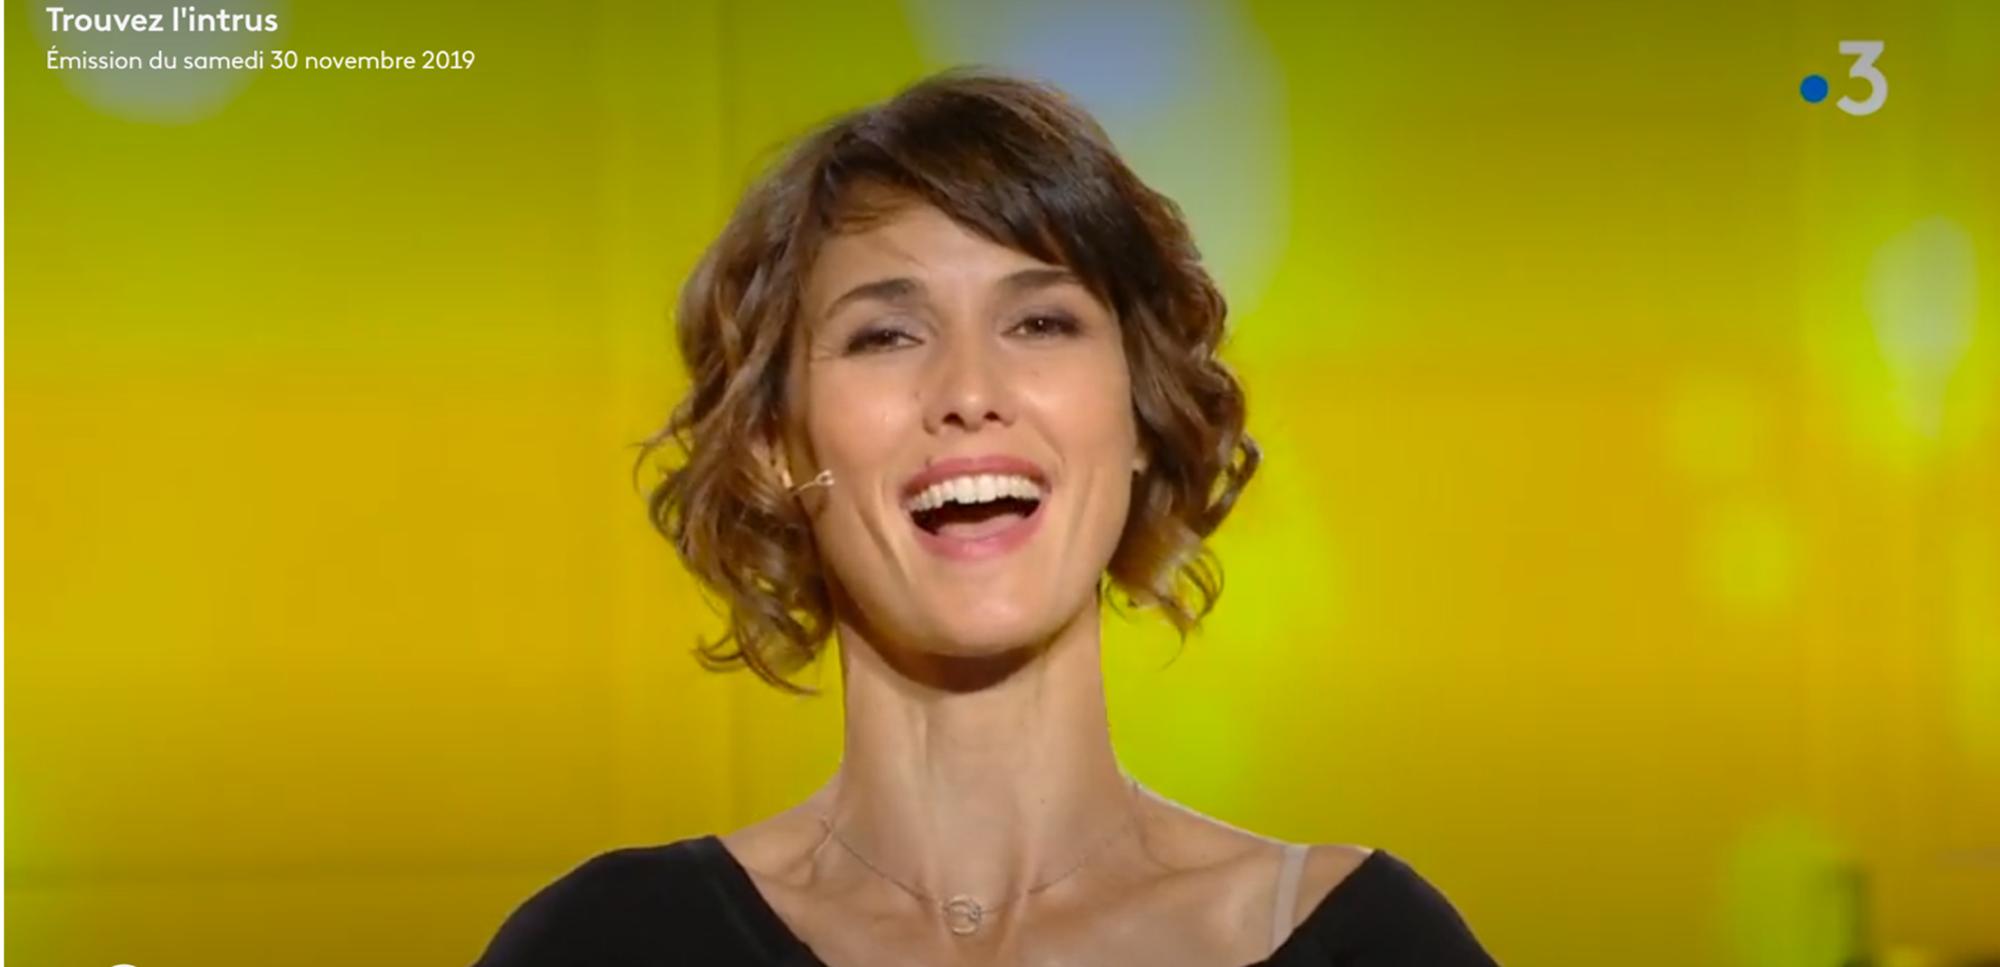 ÉGLANTINE ÉMÉYÉ X EXCENTRIQUE NECKLACE – France 3